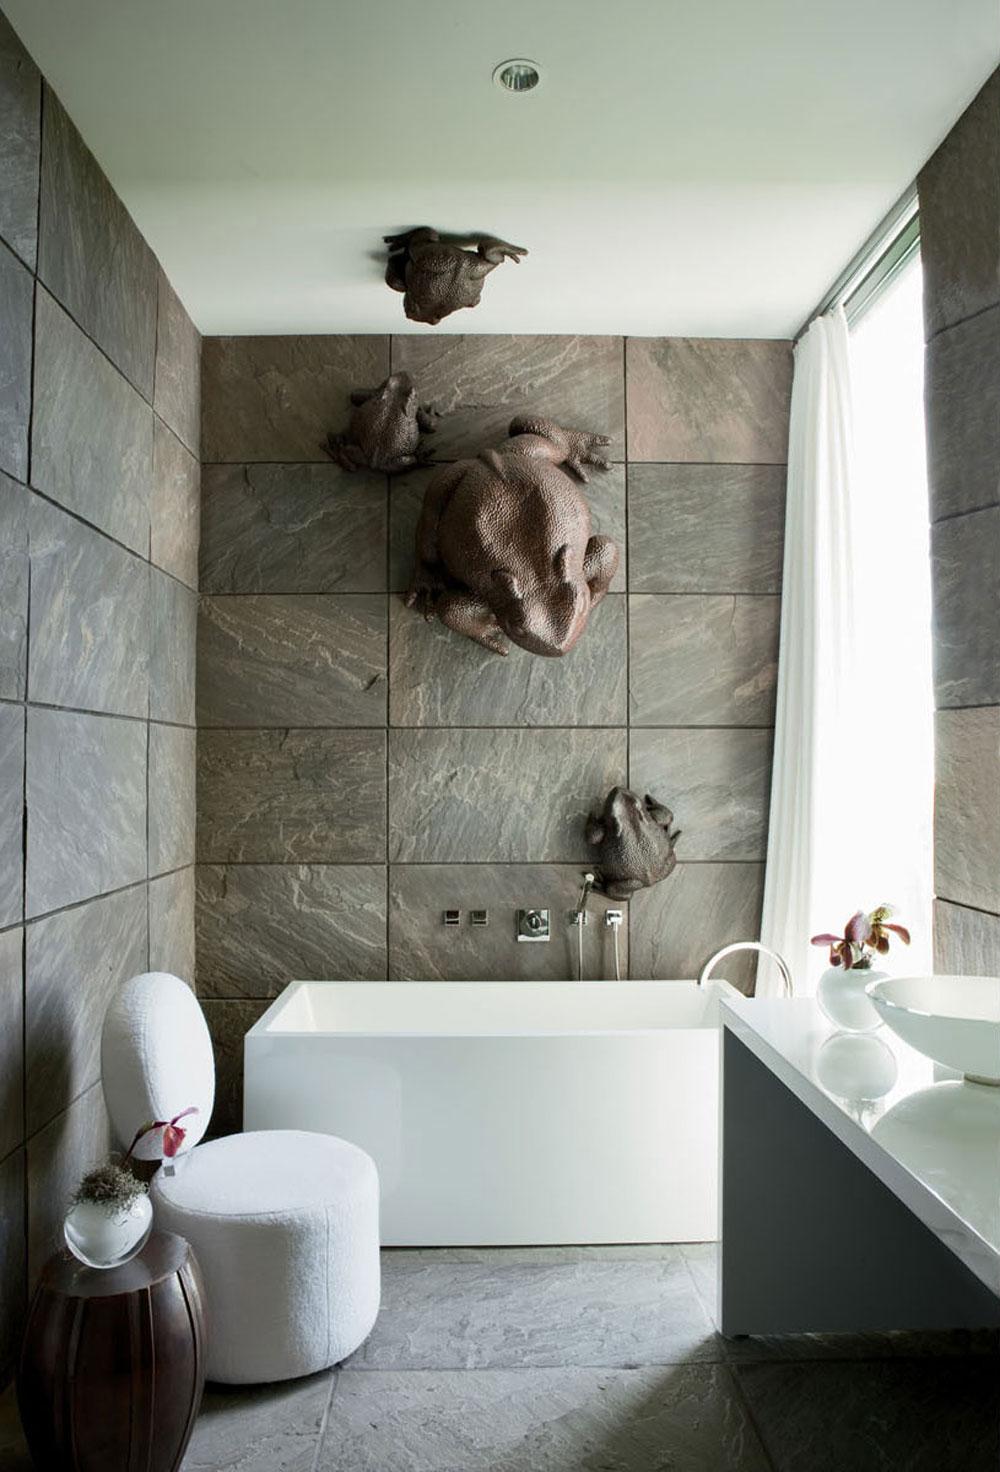 Letar du efter inspiration för modern badrumsinredning-6 Letar du efter inspiration för modern badrumsinredning?